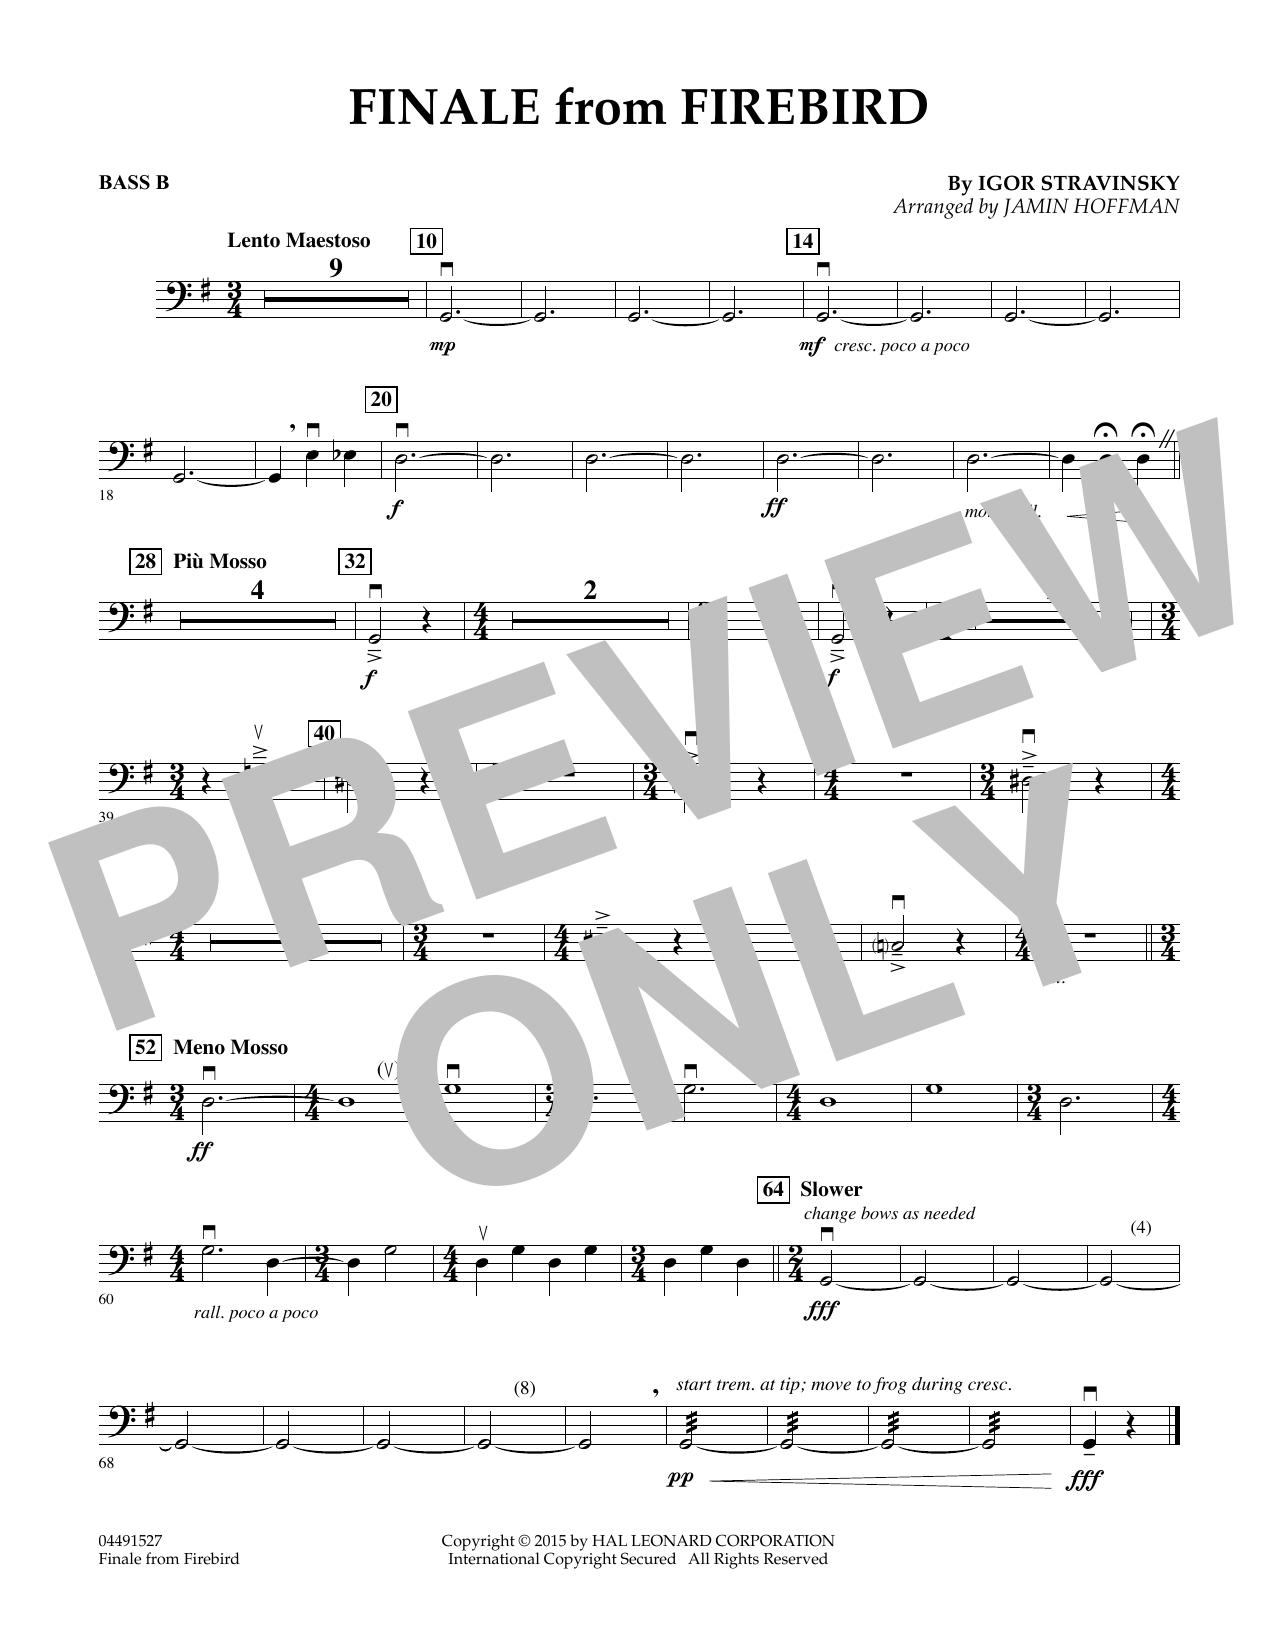 Finale from Firebird (arr. Jamin Hoffman) - Bass B (Orchestra)